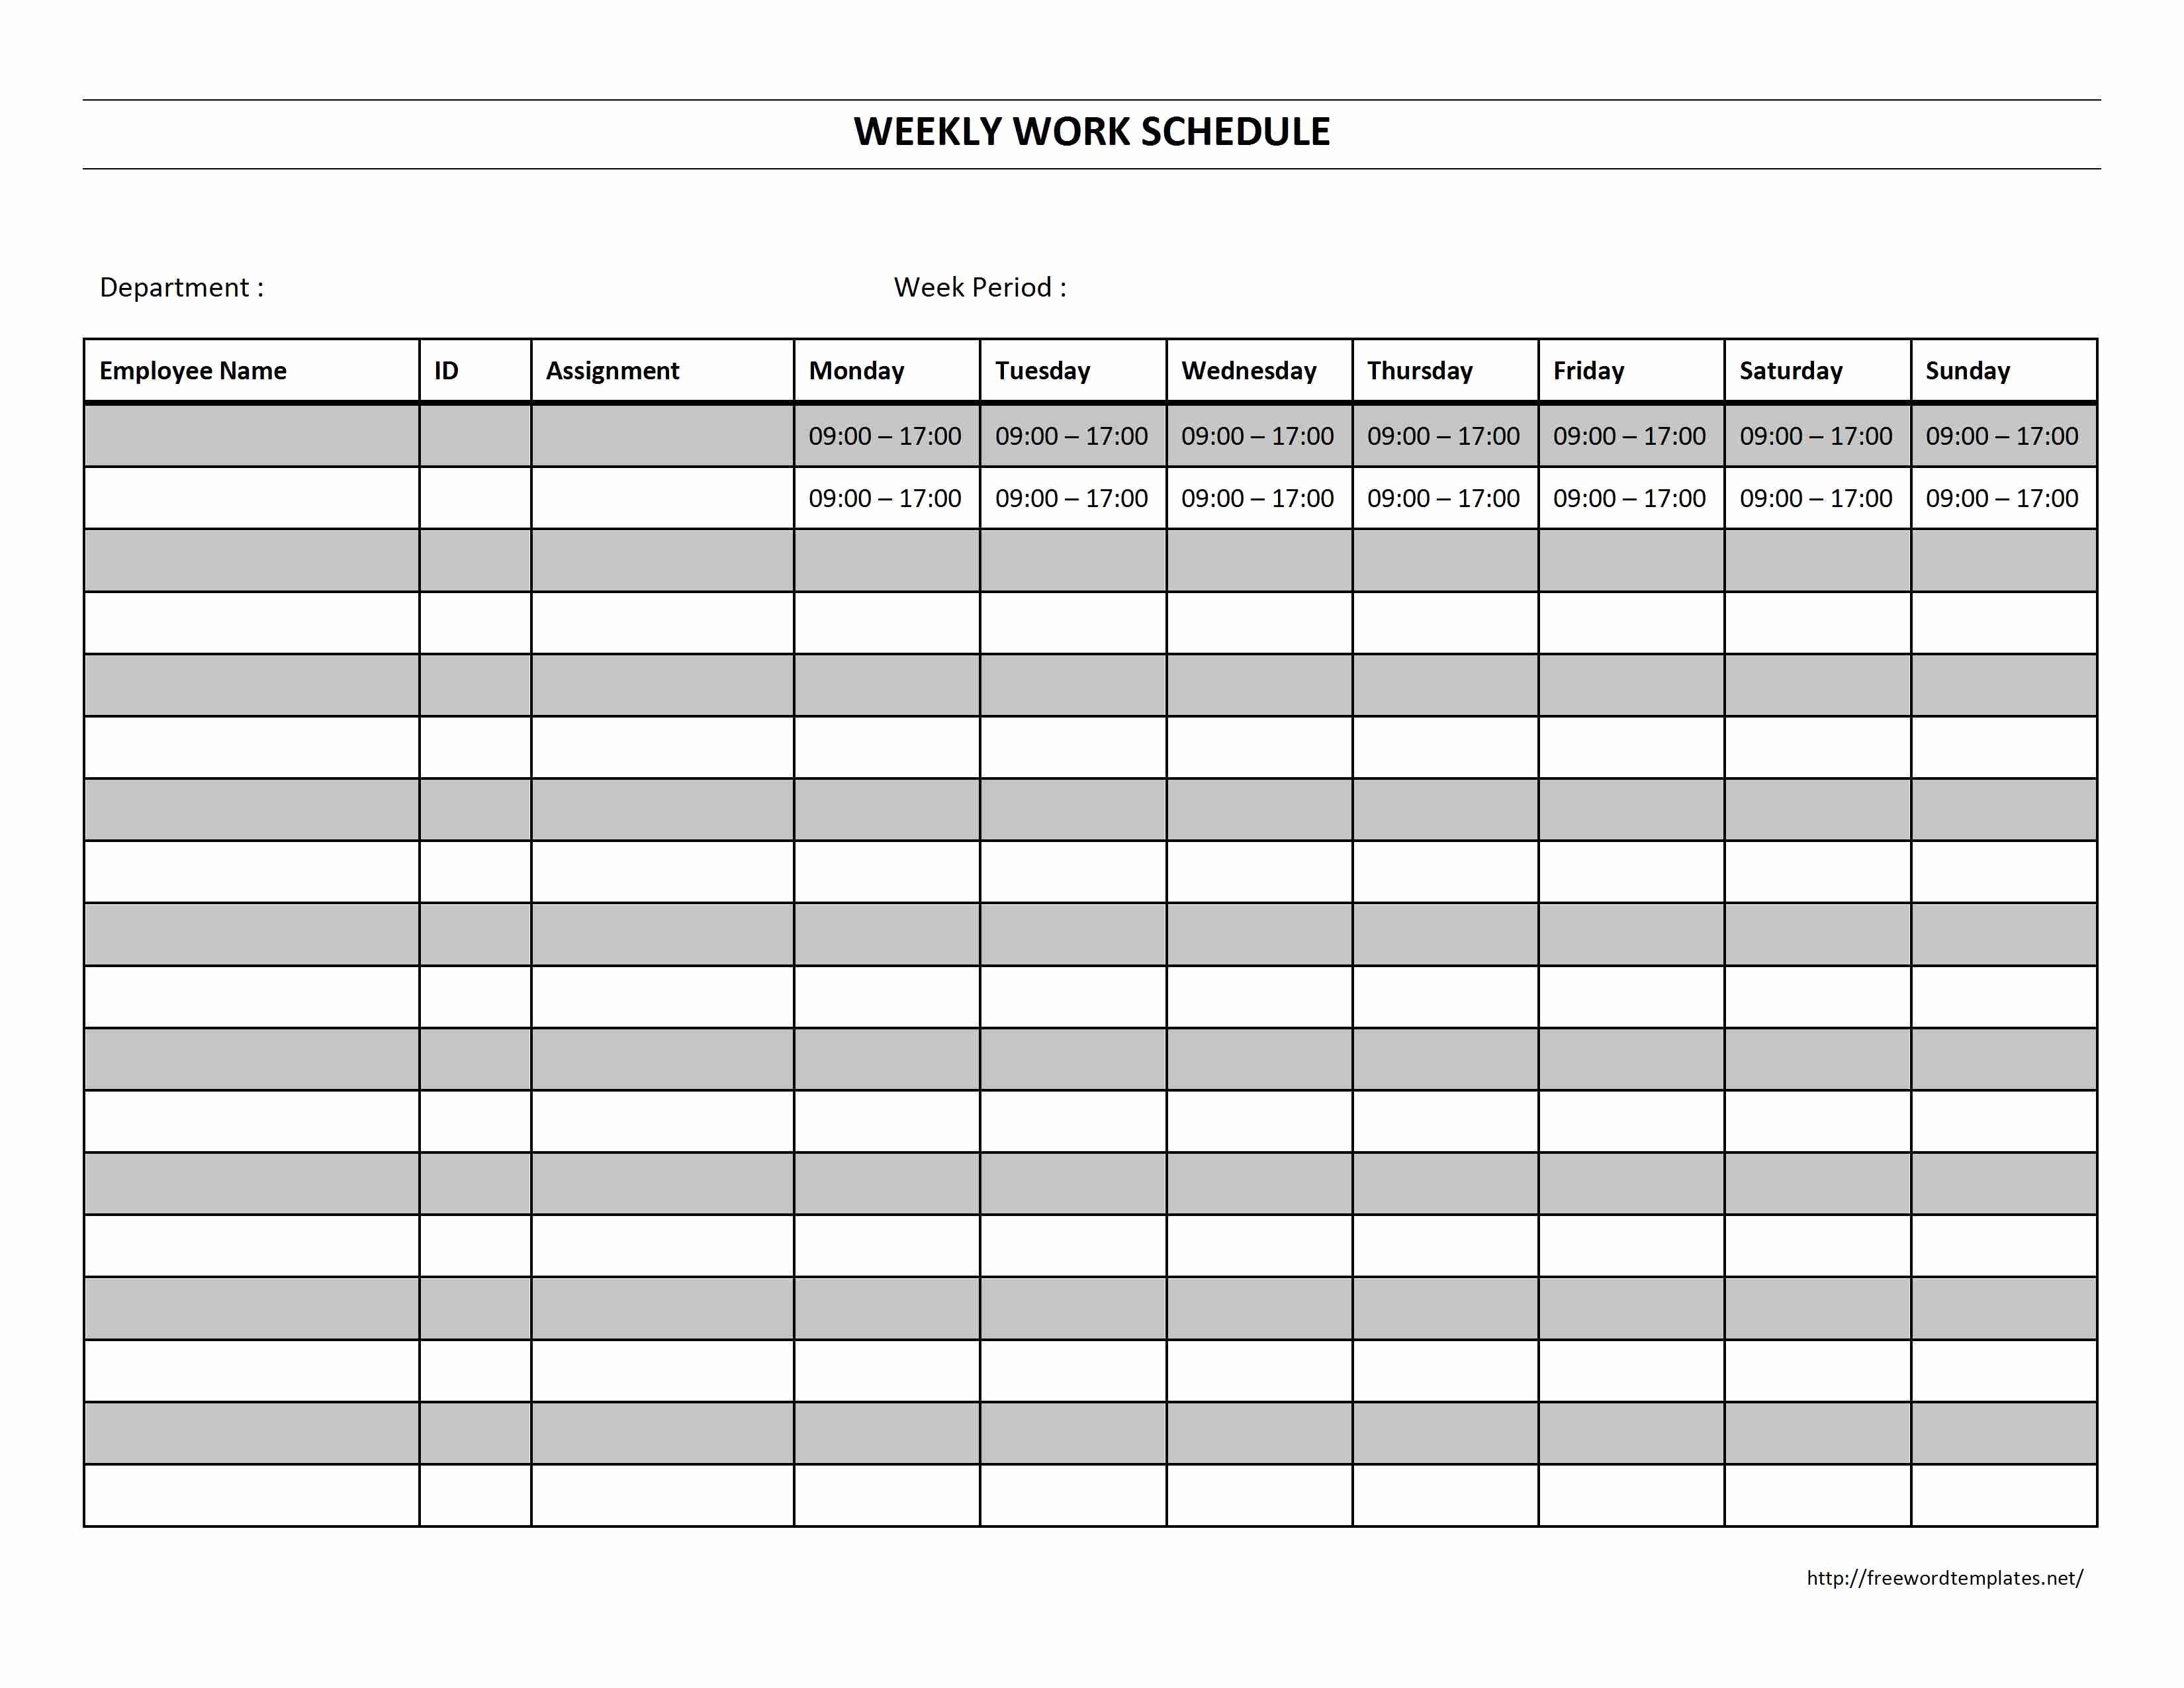 Week Schedule Template Word Fresh Weekly Work Schedule